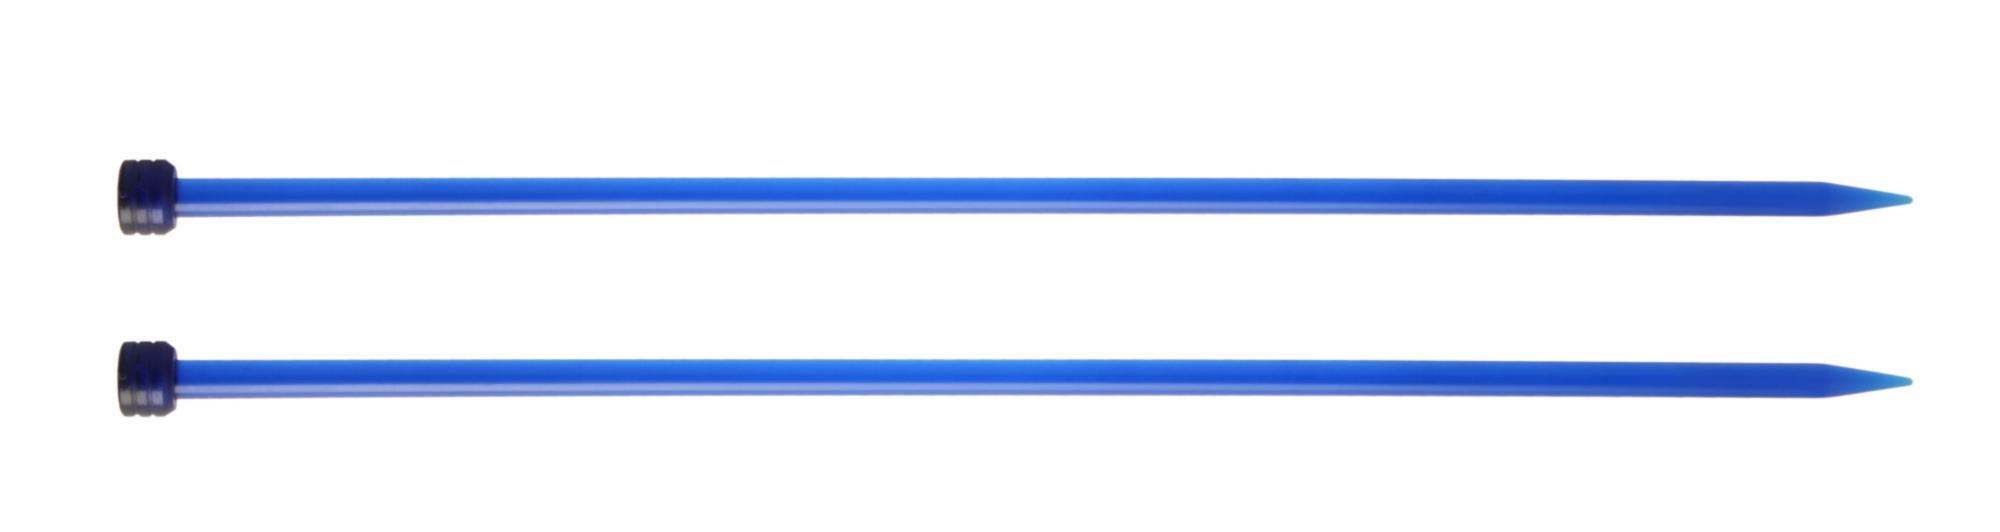 Спицы прямые 25 см Trendz KnitPro, 51177, 7.00 мм